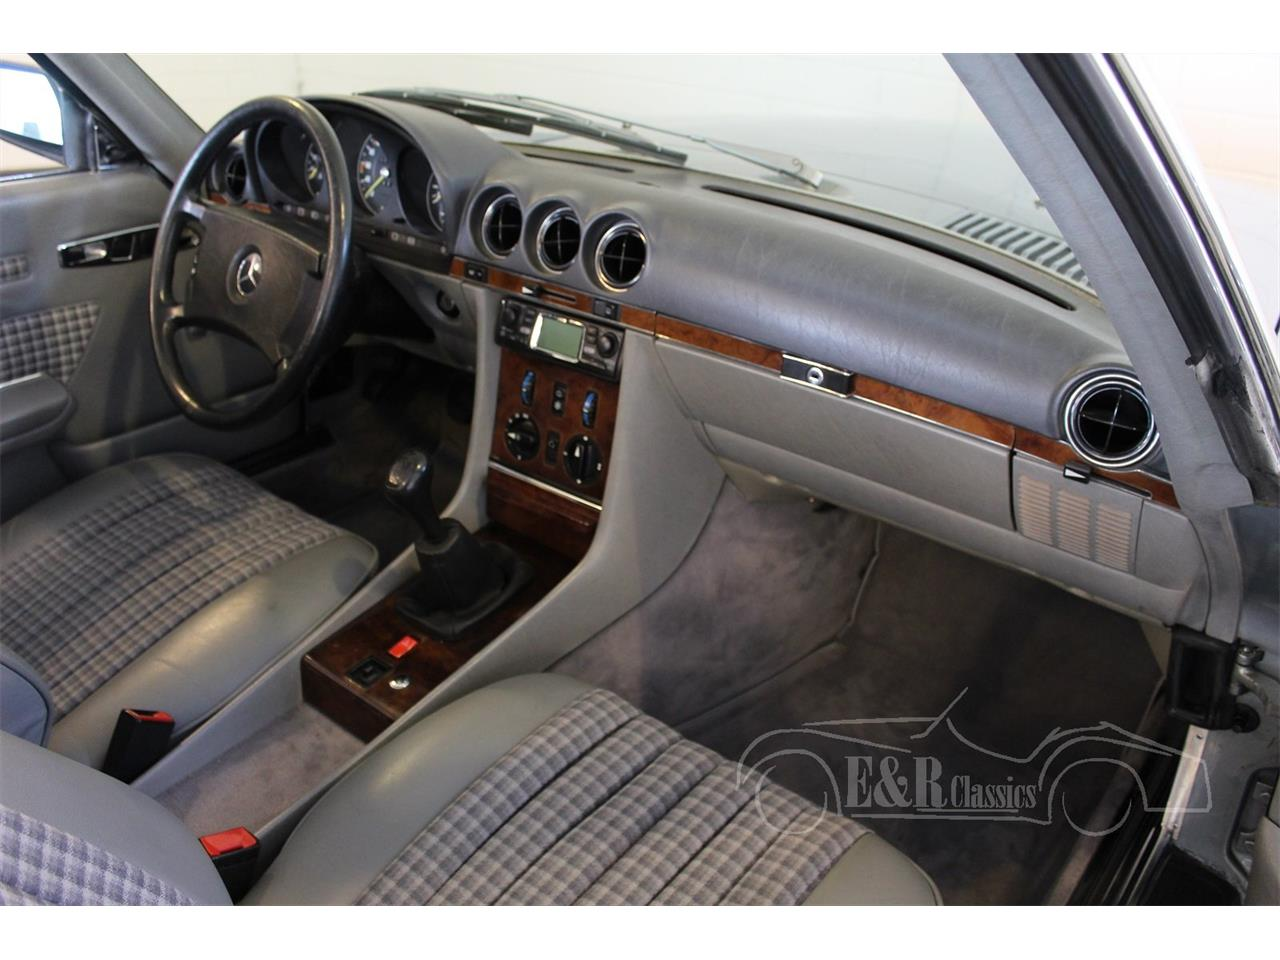 Large Picture of '83 Mercedes-Benz 280SL located in Waalwijk noord brabant - $34,150.00 - QEBS